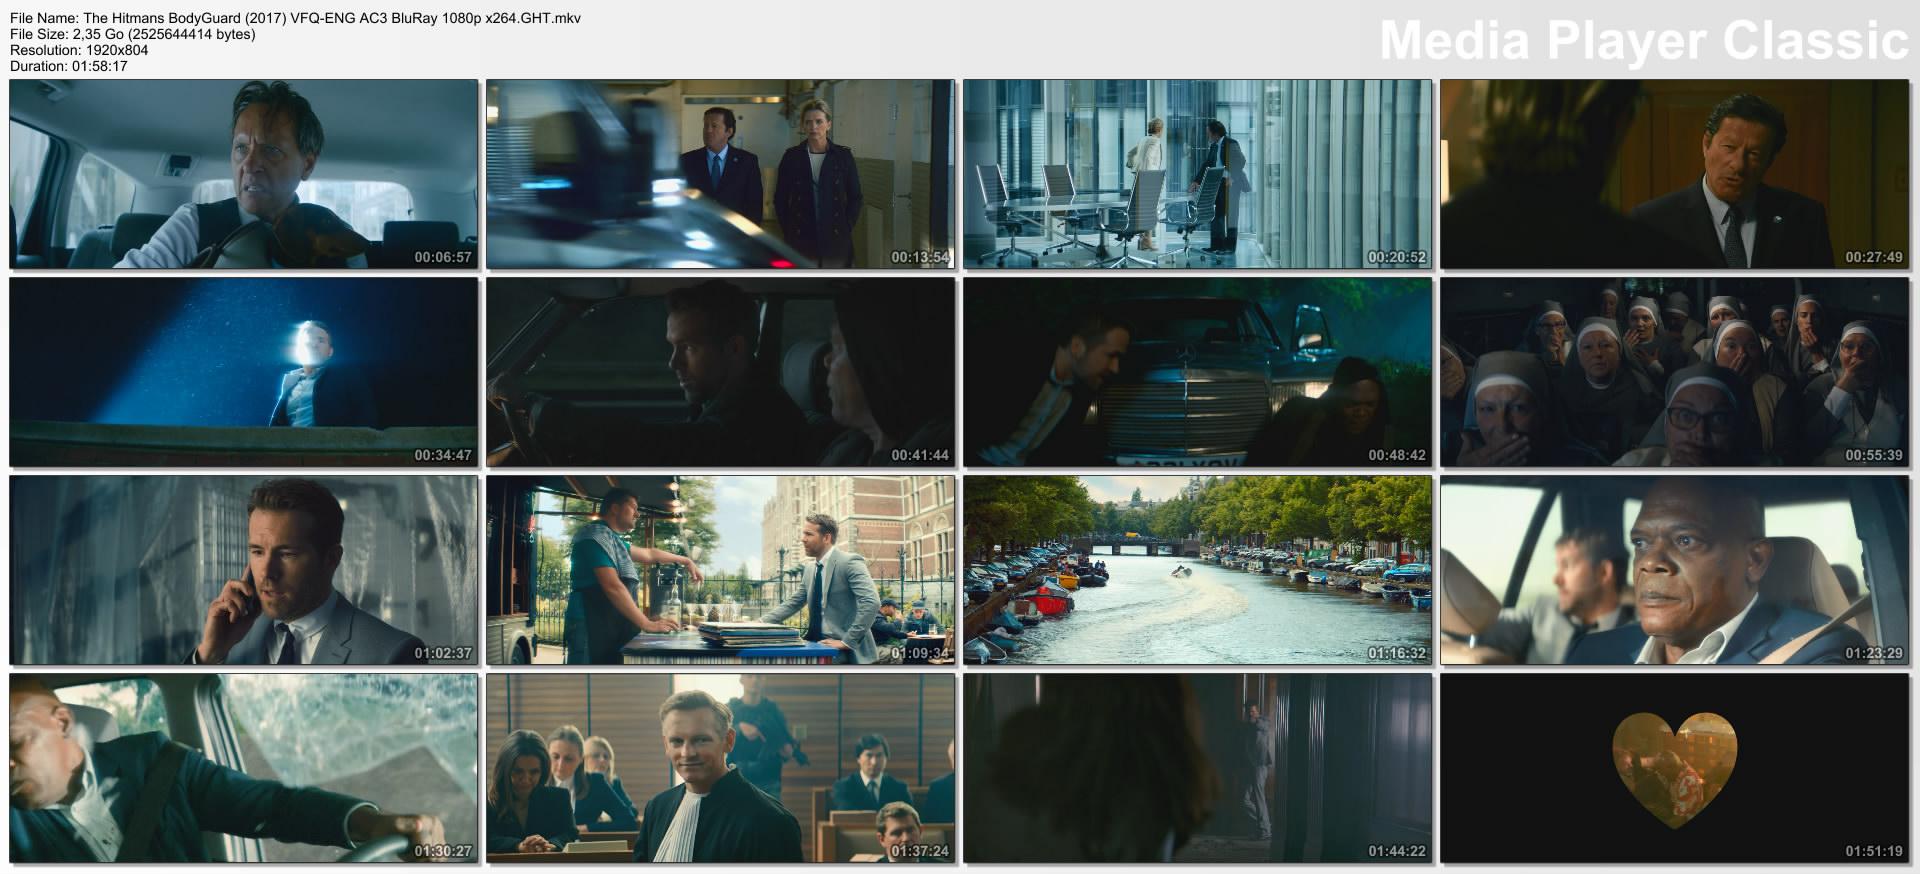 The Hitmans BodyGuard (2017) VFQ-ENG AC3 BluRay 1080p x264.GHT